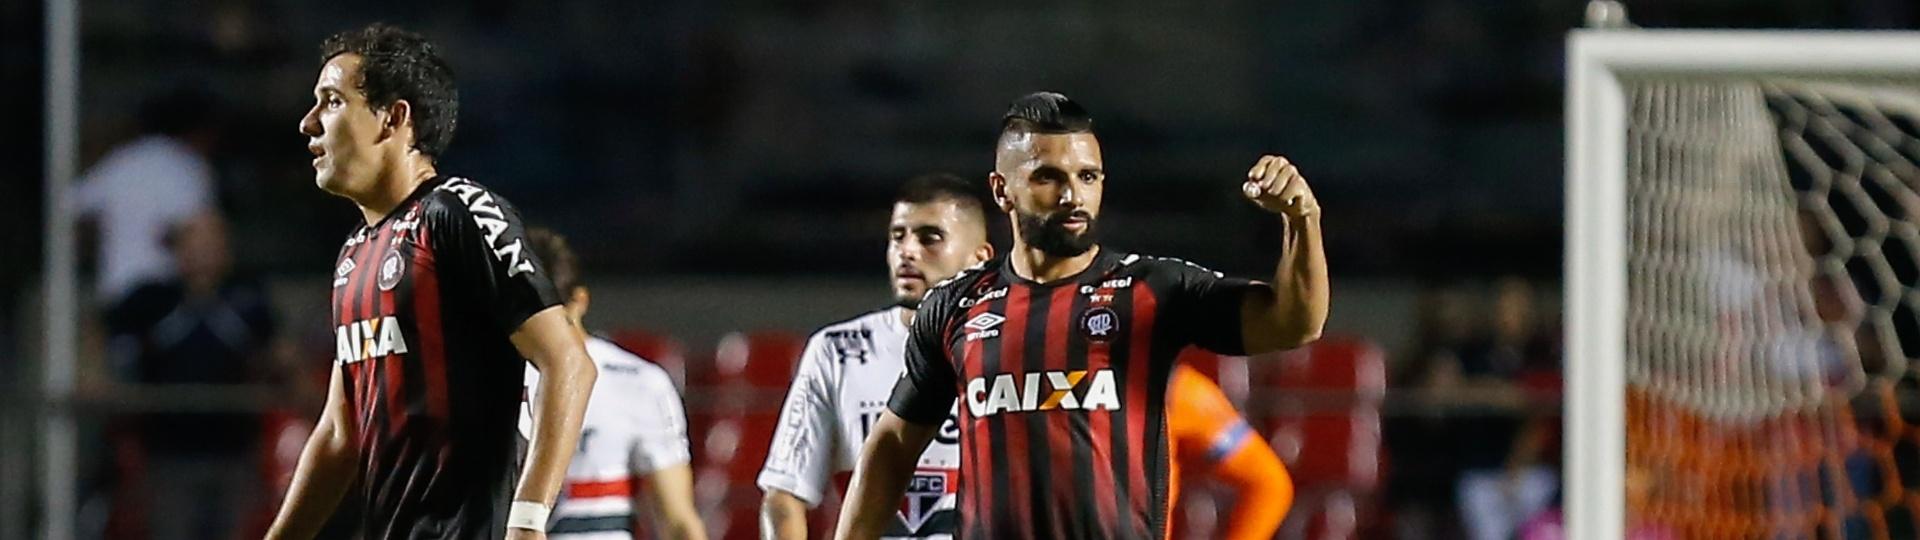 Guilherme Atlético-PR São Paulo Copa do Brasil